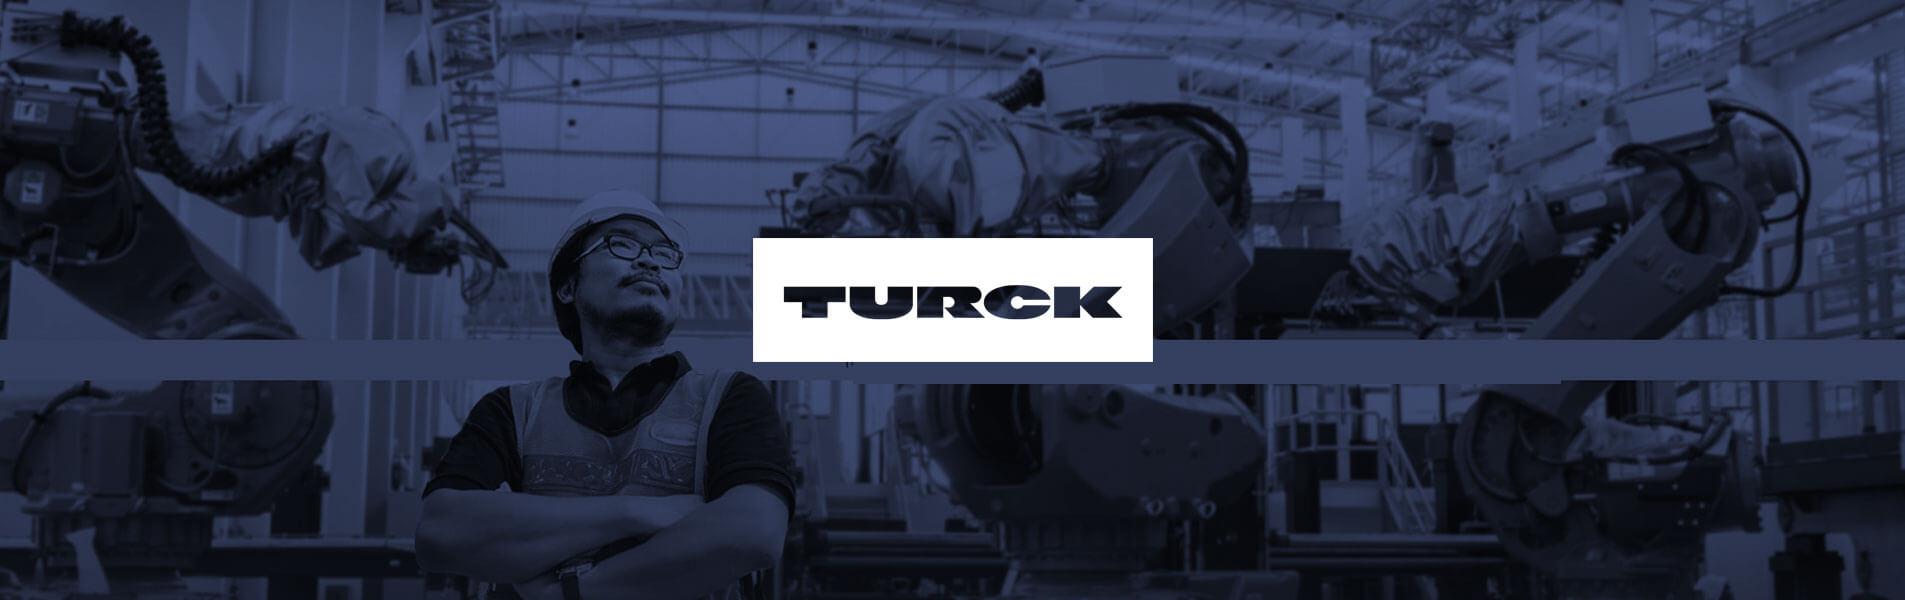 Turck HMI / PLC controls